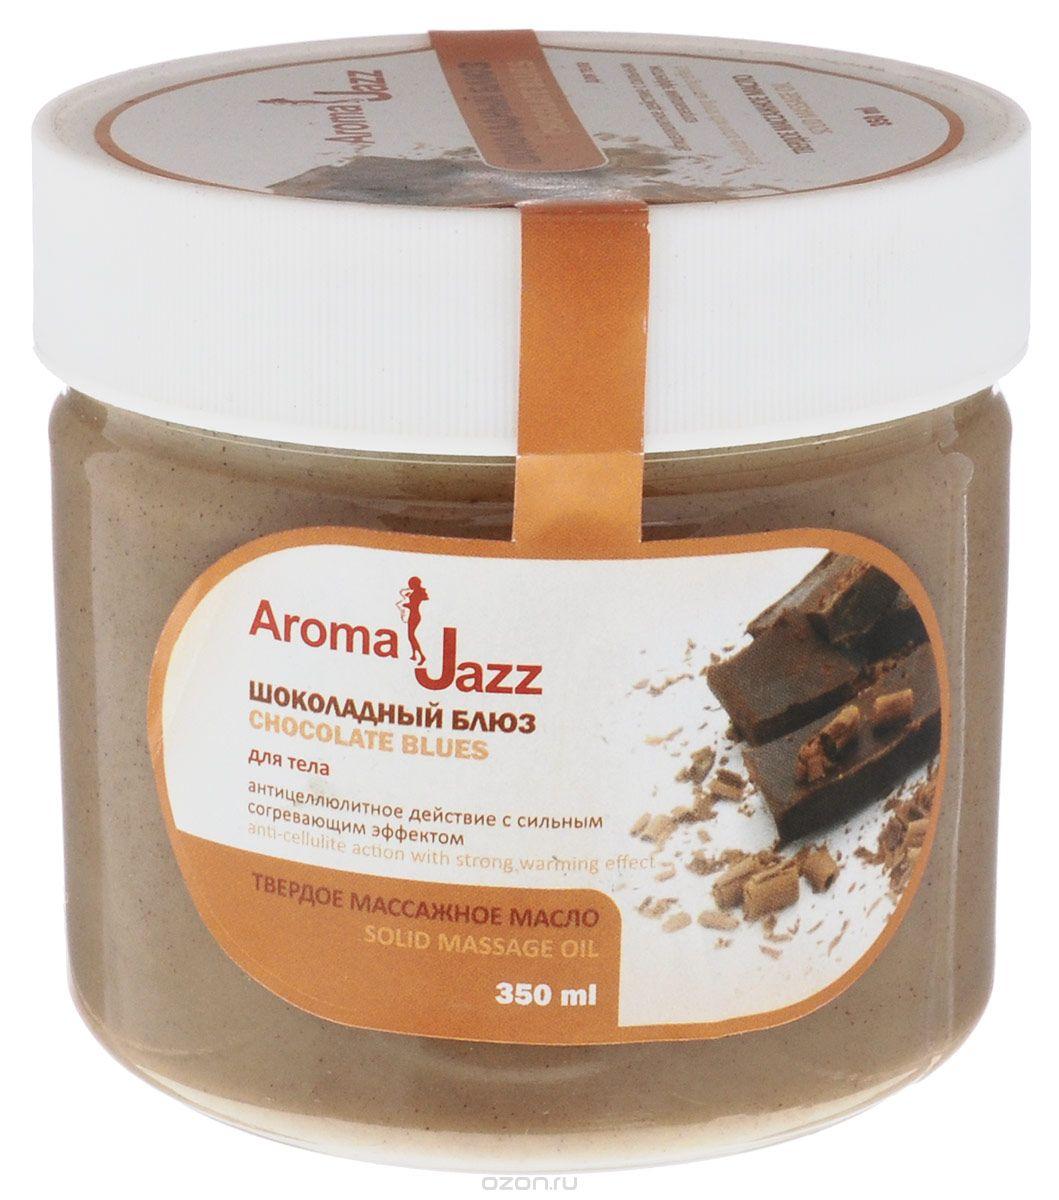 Aroma Jazz Твердое масло Антицеллюлитное Шоколадный блюз, 300 мл aroma jazz твердое масло шоколадный блюз 150 мл